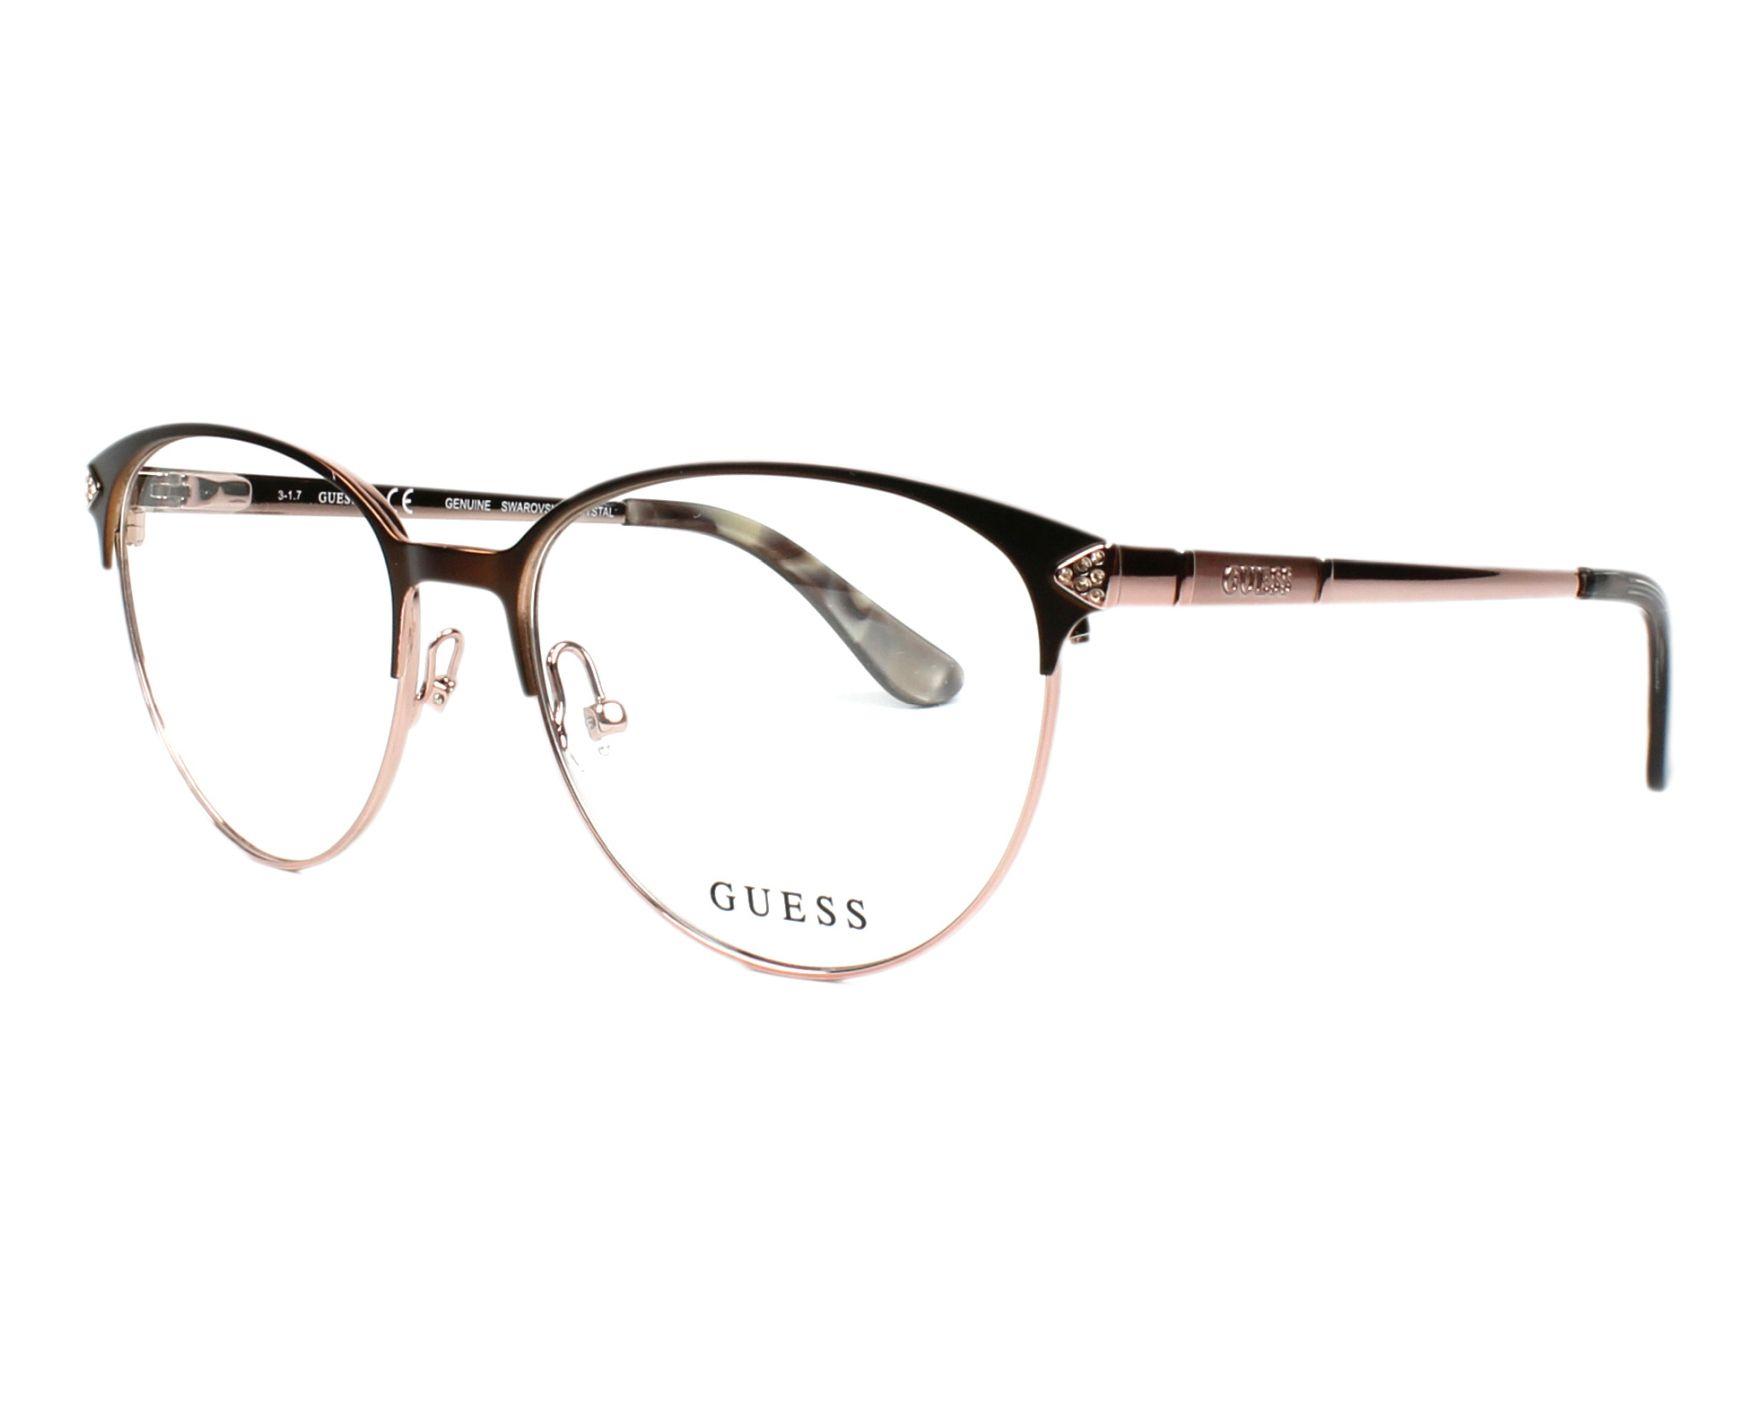 59cc5b64383 lunettes guess pas cher femme